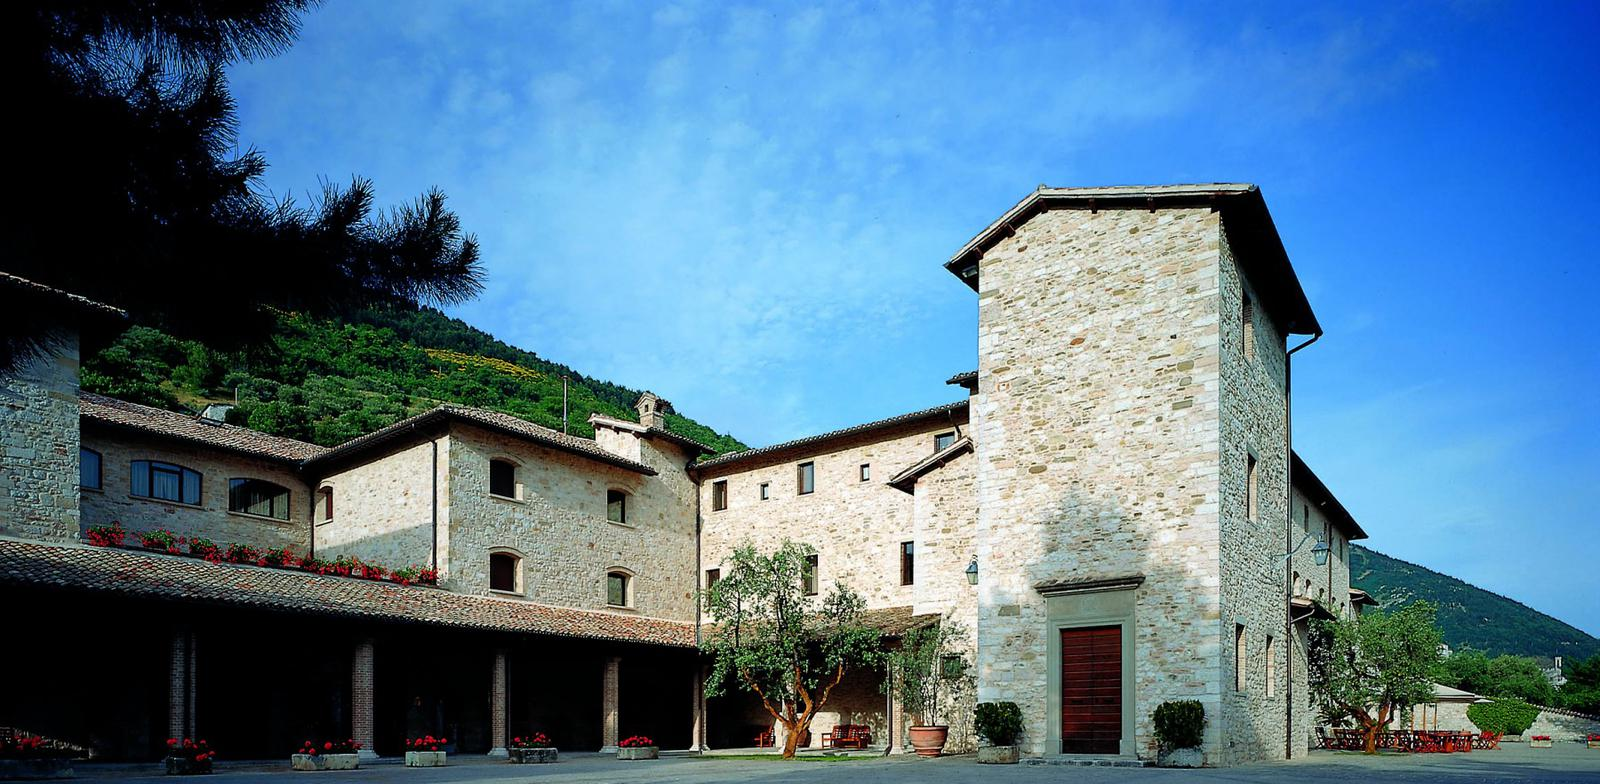 Hotel ai Cappuccini esterno Gubbio